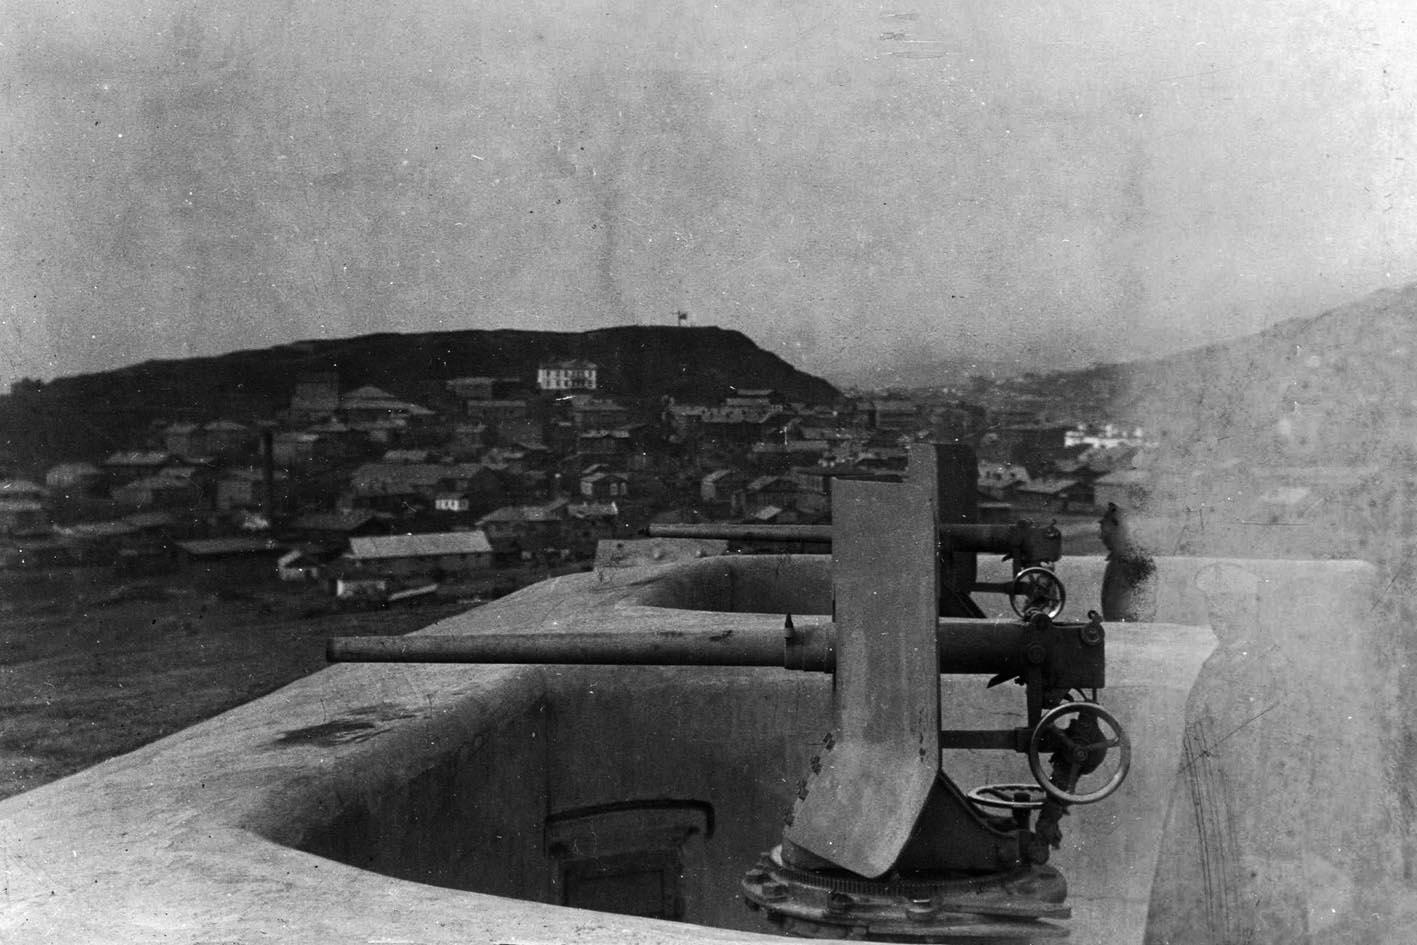 Дата крепости: 13 сентября 1894 года